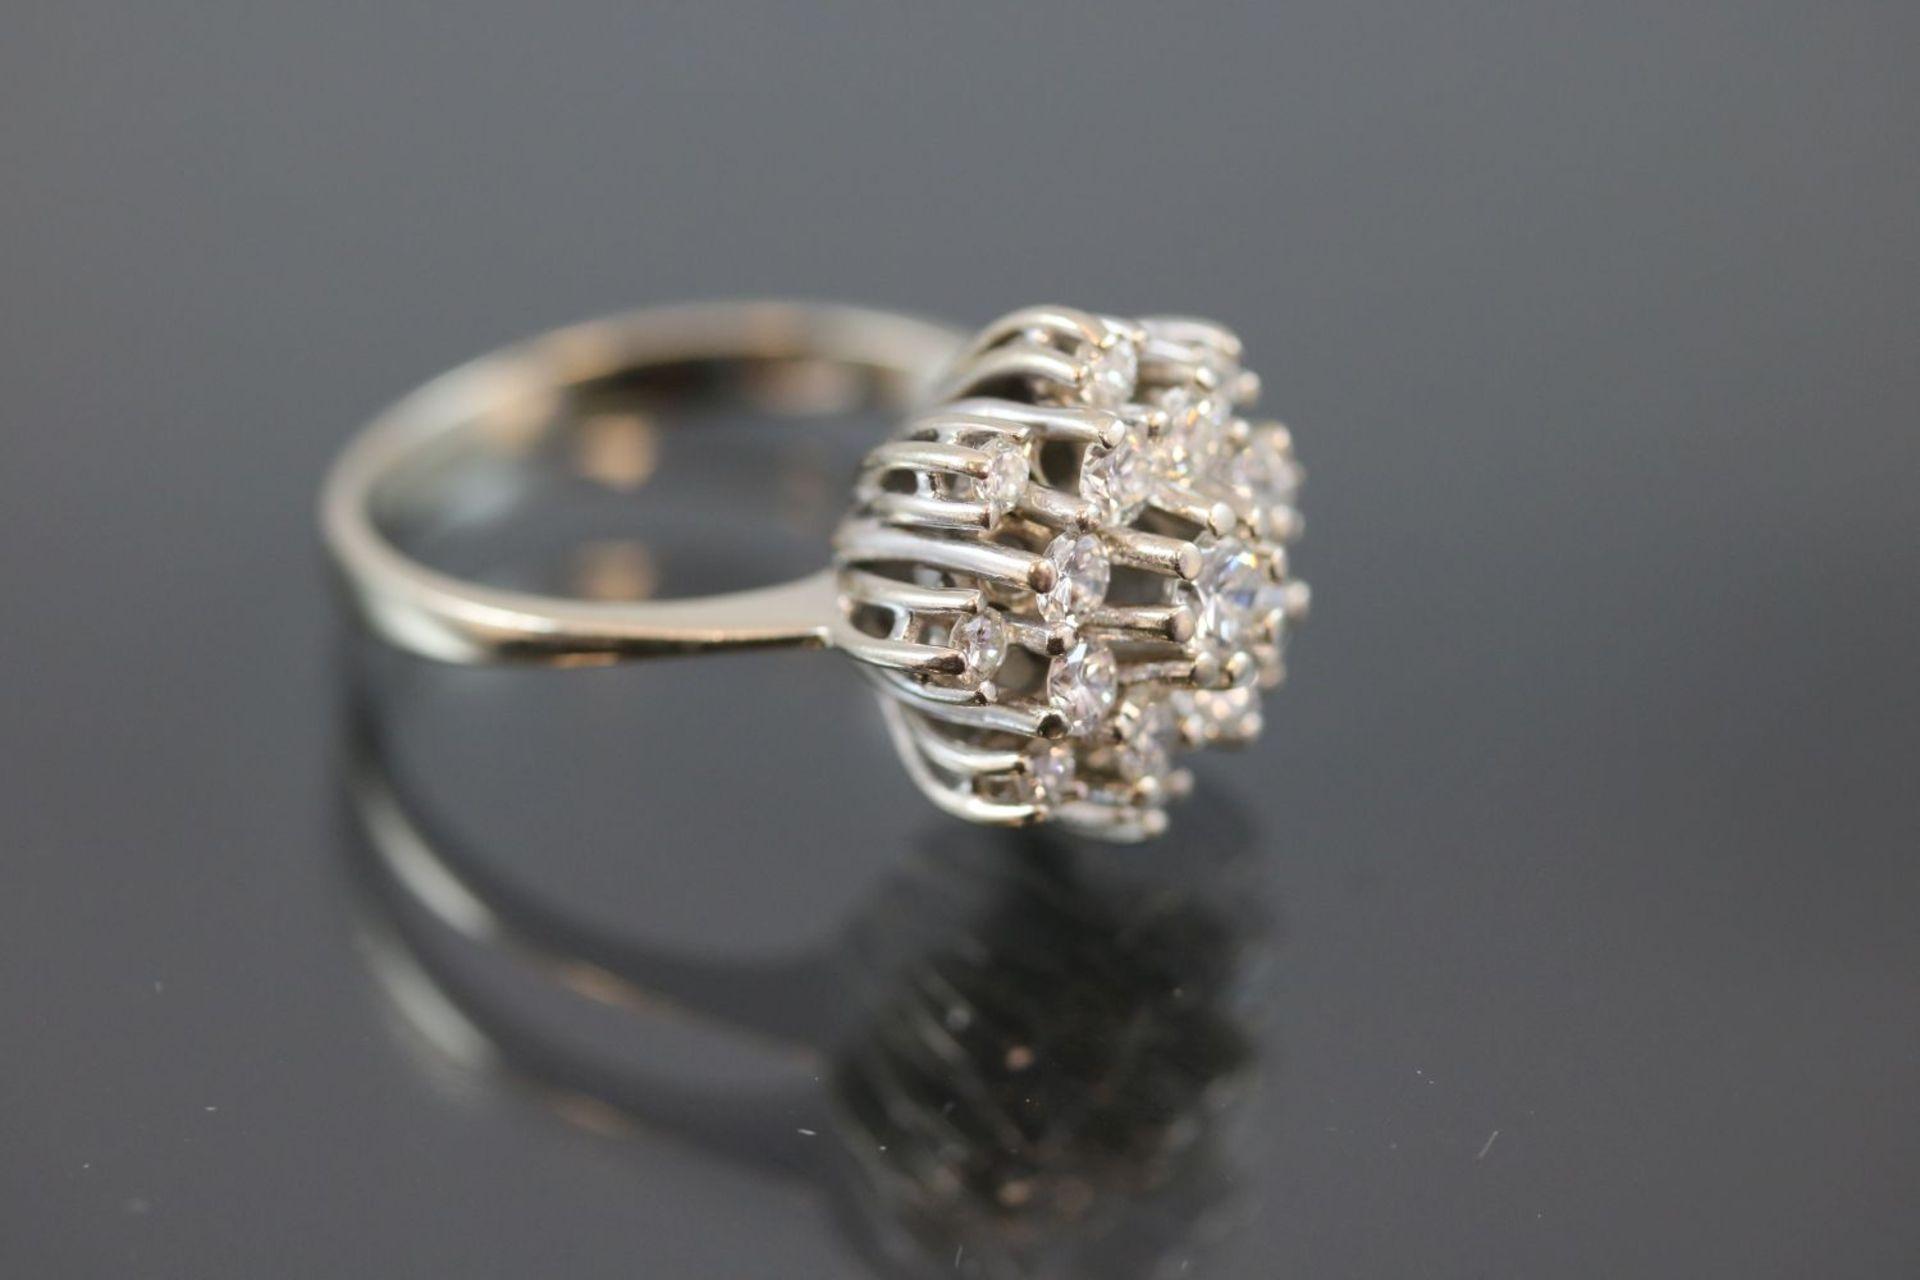 Brillant-Ring, 585 Weißgold5,3 Gramm 17 Brillanten, 1 ct., w/si. Ringgröße: 57Schätzpreis: 2500,- - Bild 3 aus 3